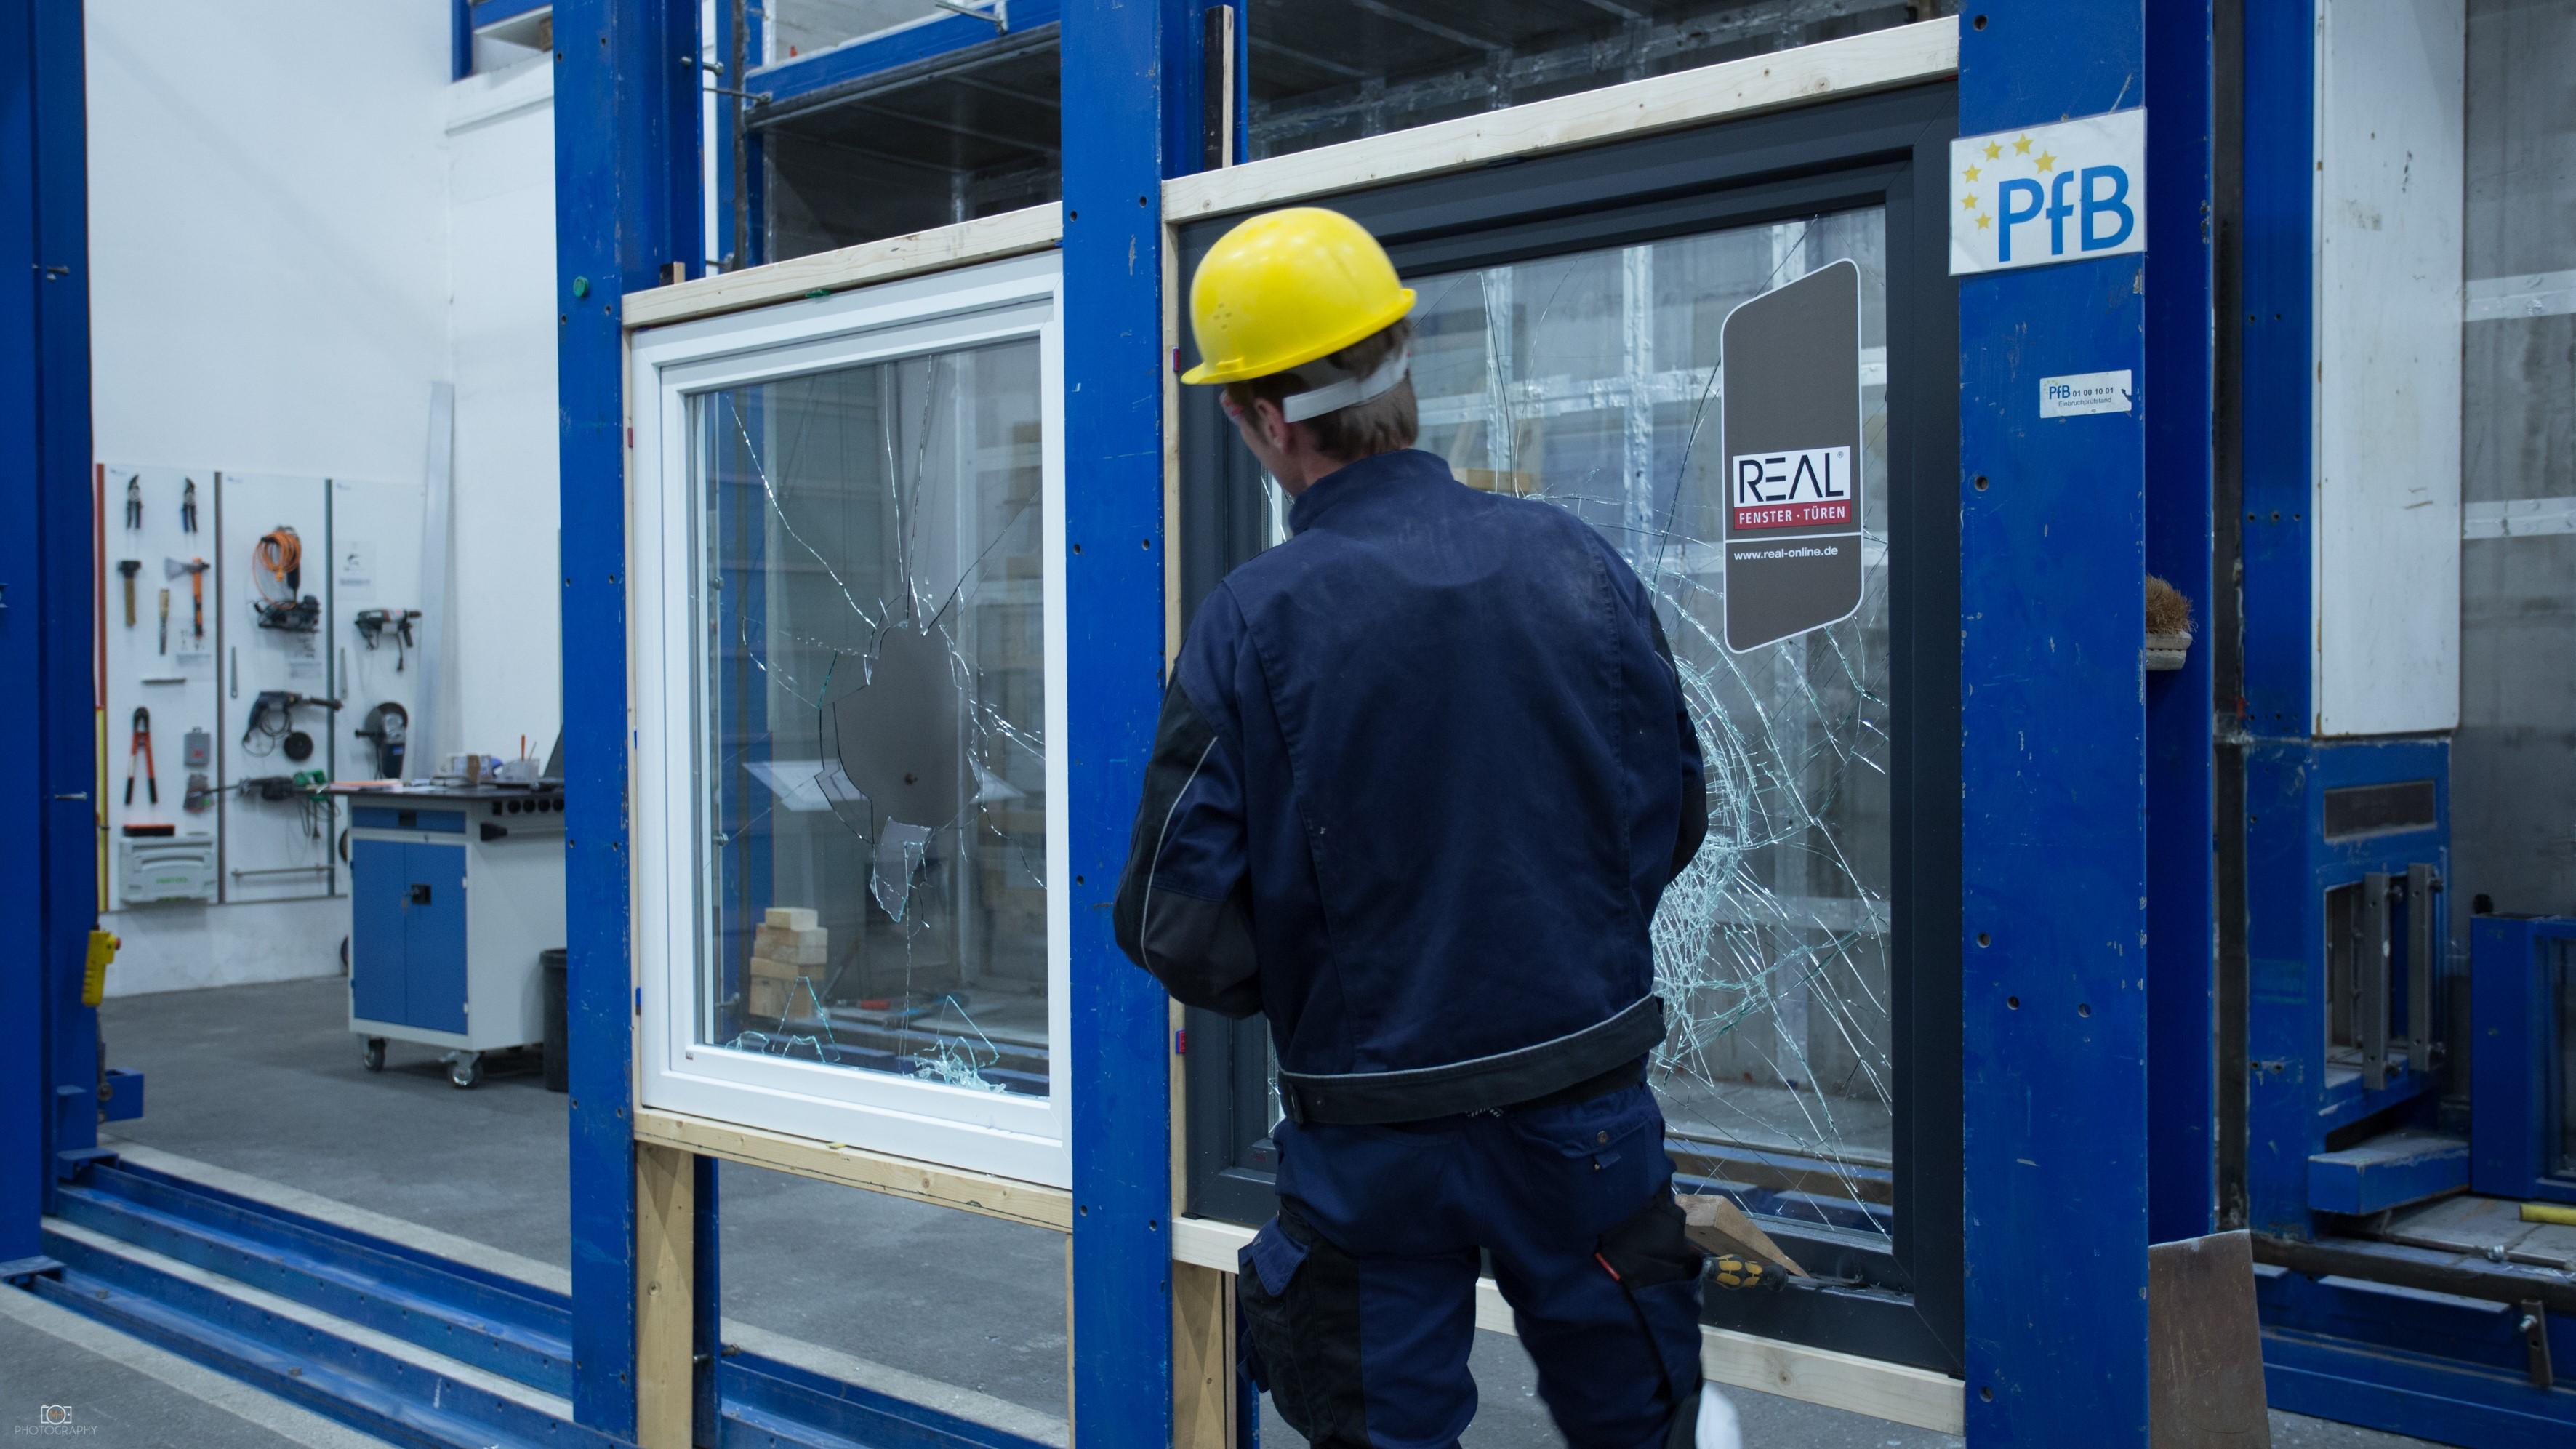 Betriebsbesichtigung bei PfB GmbH & Co. Prüfzentrum für Bauelemente KG in Rosenheim